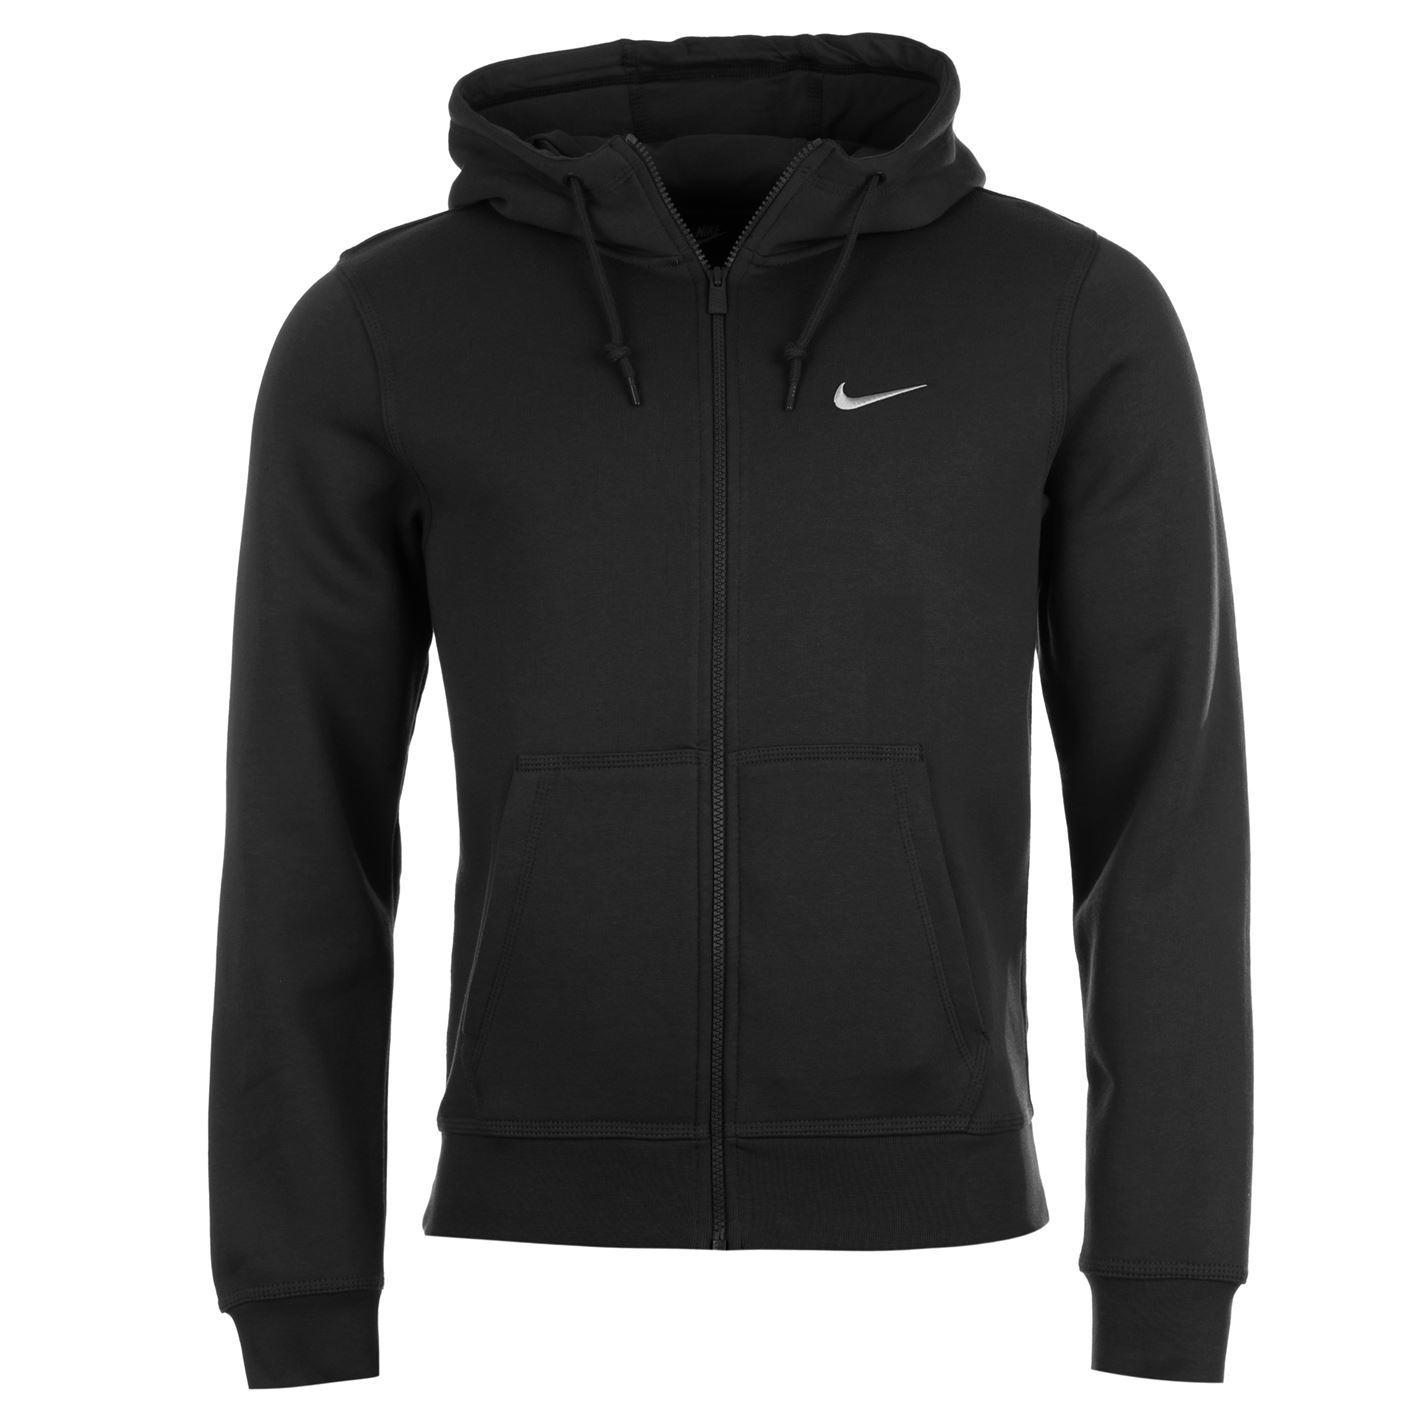 Nike-Fundamentals-Full-Zip-Hoody-Jacket-Mens-Hoodie-Sweatshirt-Sweater-Top thumbnail 5